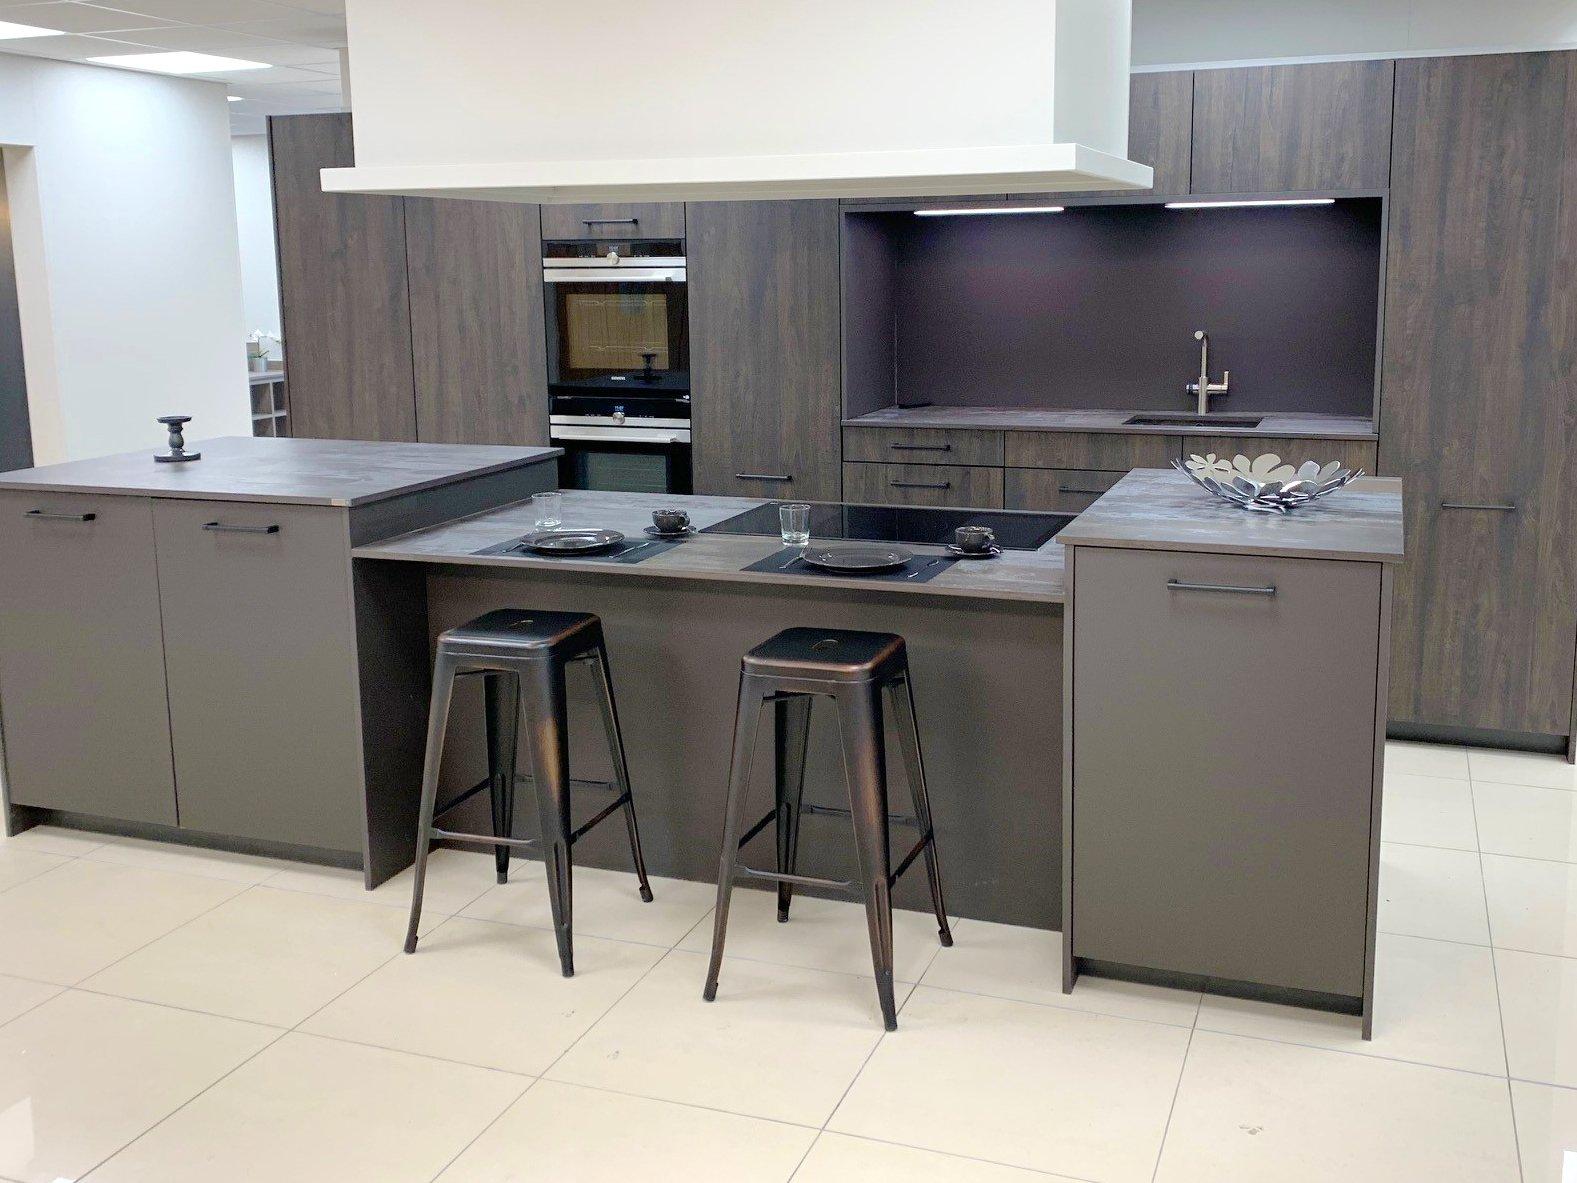 Rotpunkt matt grey kitchen in Grigio with woodgran effect units